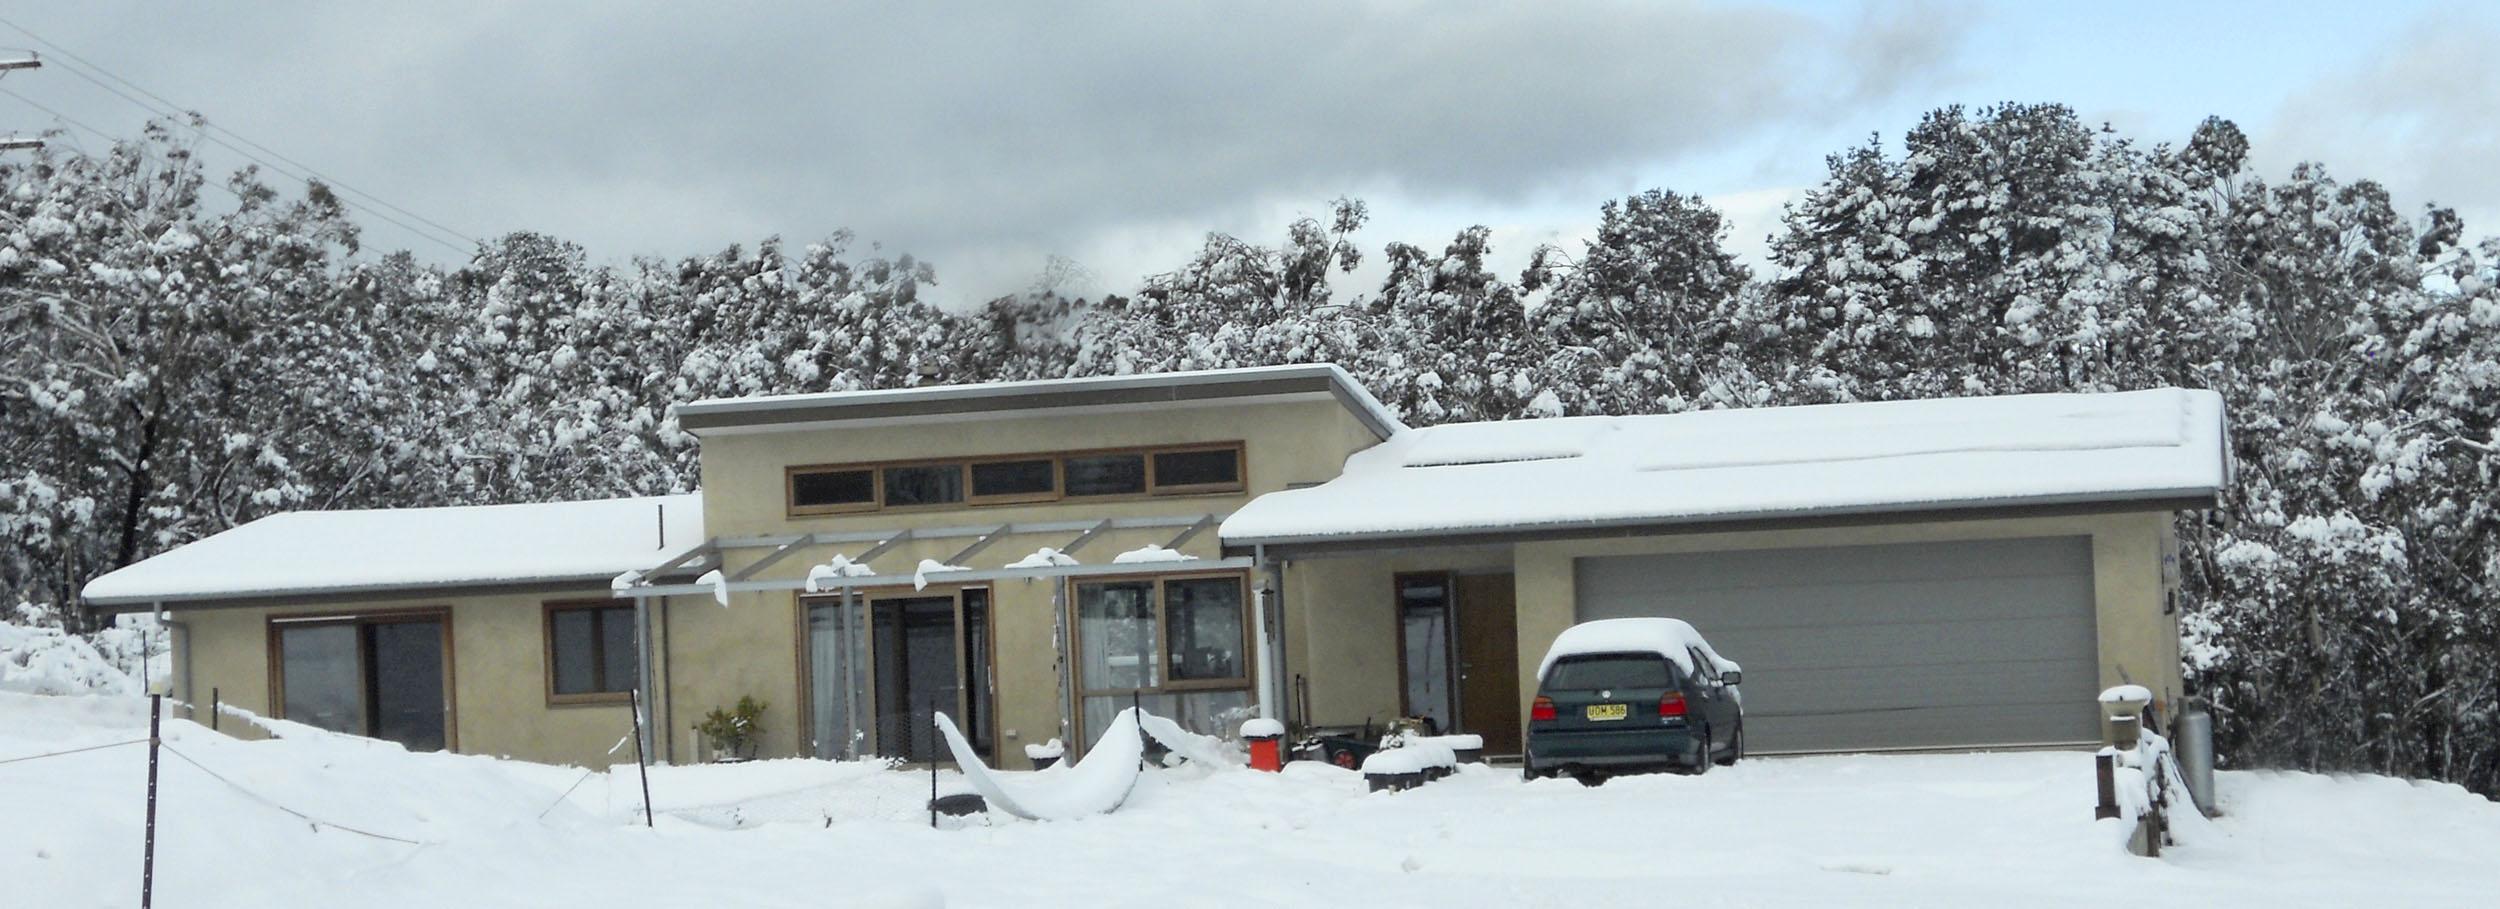 Katoomba in the snow